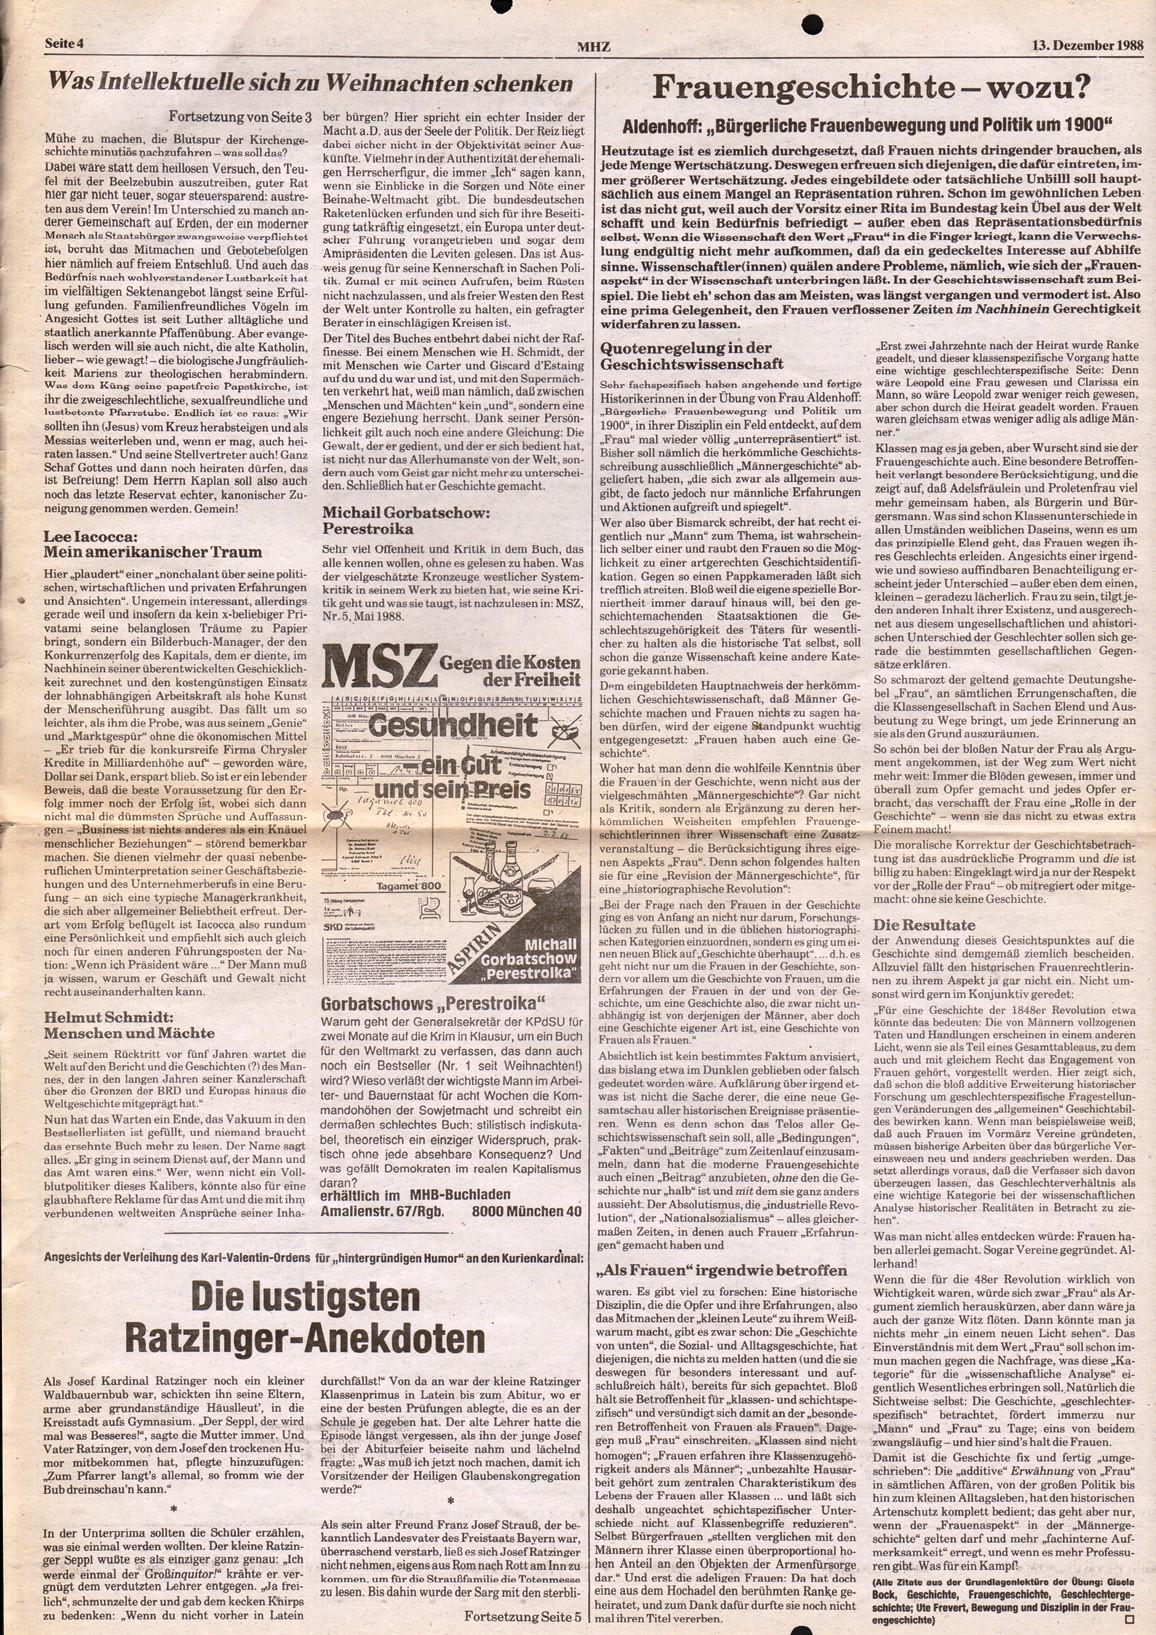 Muenchen_MG_Hochschulzeitung_19881213_04